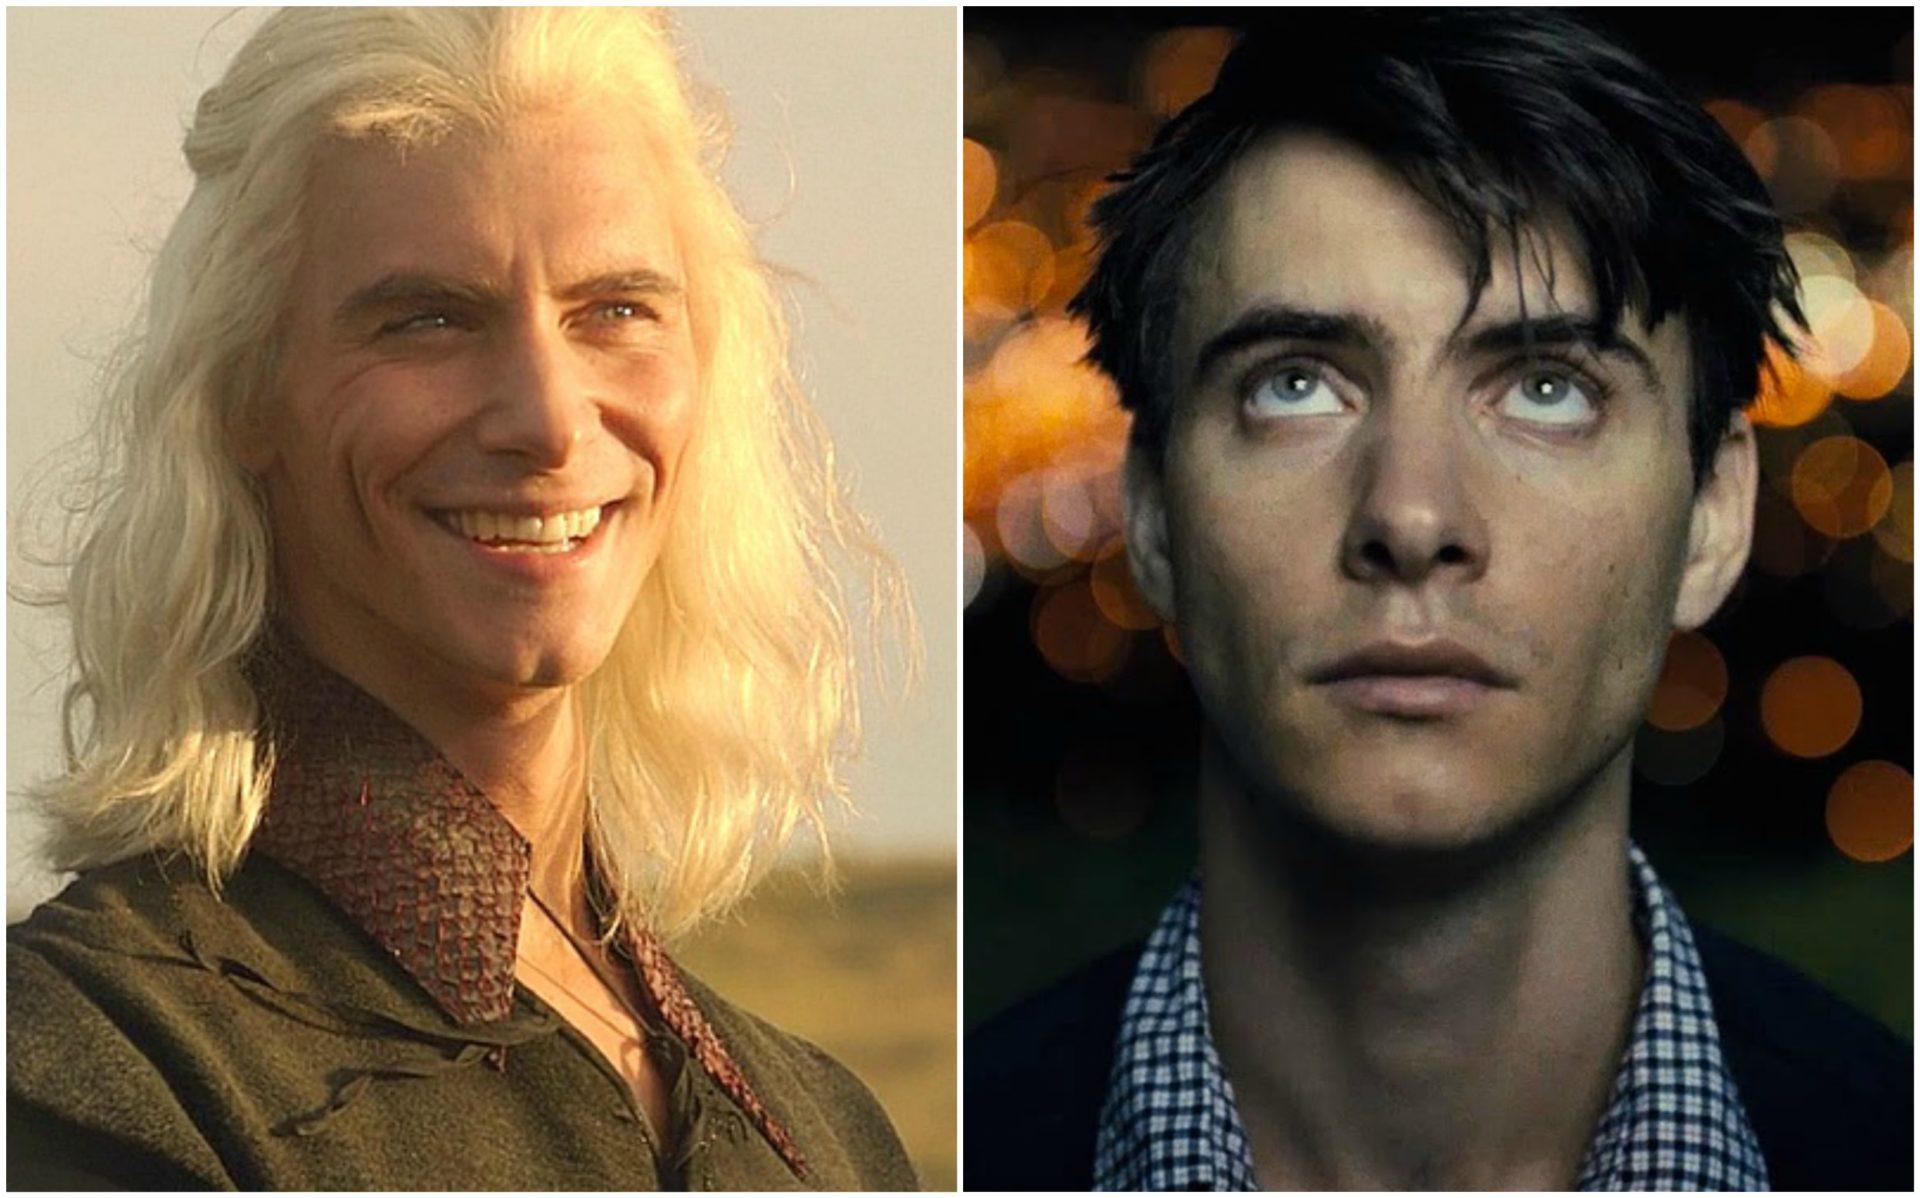 Harry Lloyd as Viserys Targaryen